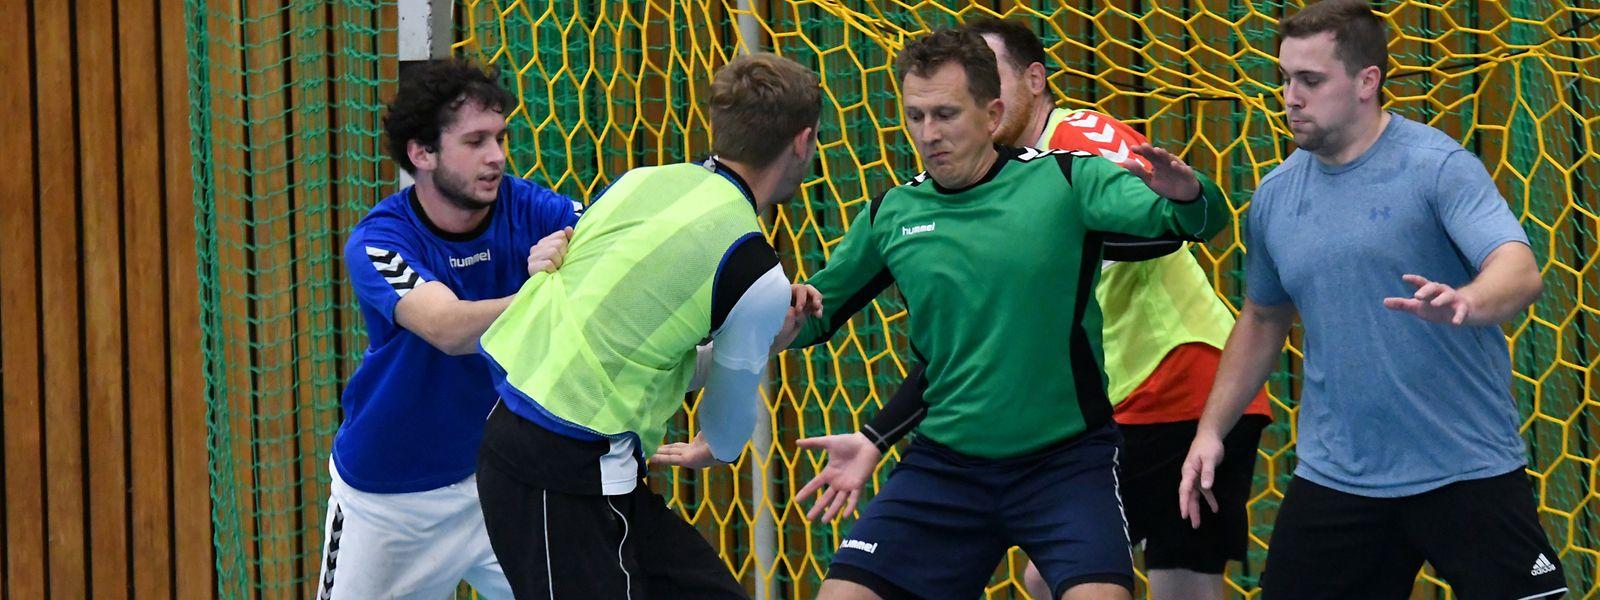 Alex Kuhfeldt (Mitte) mischt im Training aktiv mit.